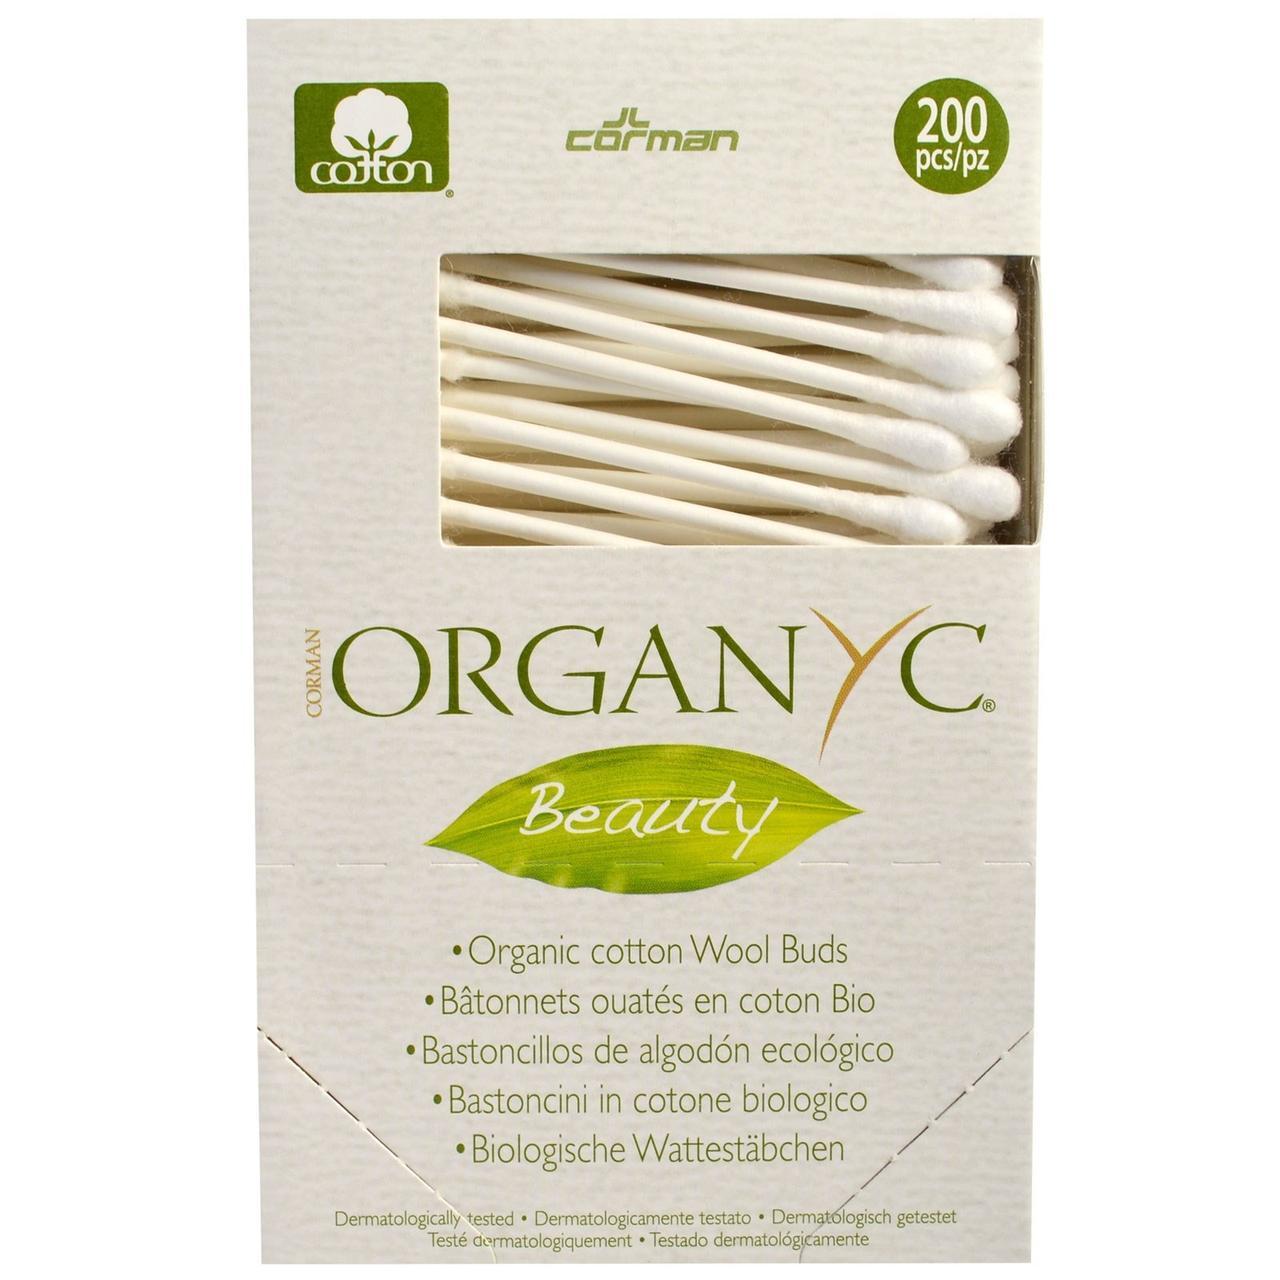 Organyc, Beauty, Органические хлопковые ватные палочки, 200 штук - Интернет-магазин для здоровой жизни в Киеве